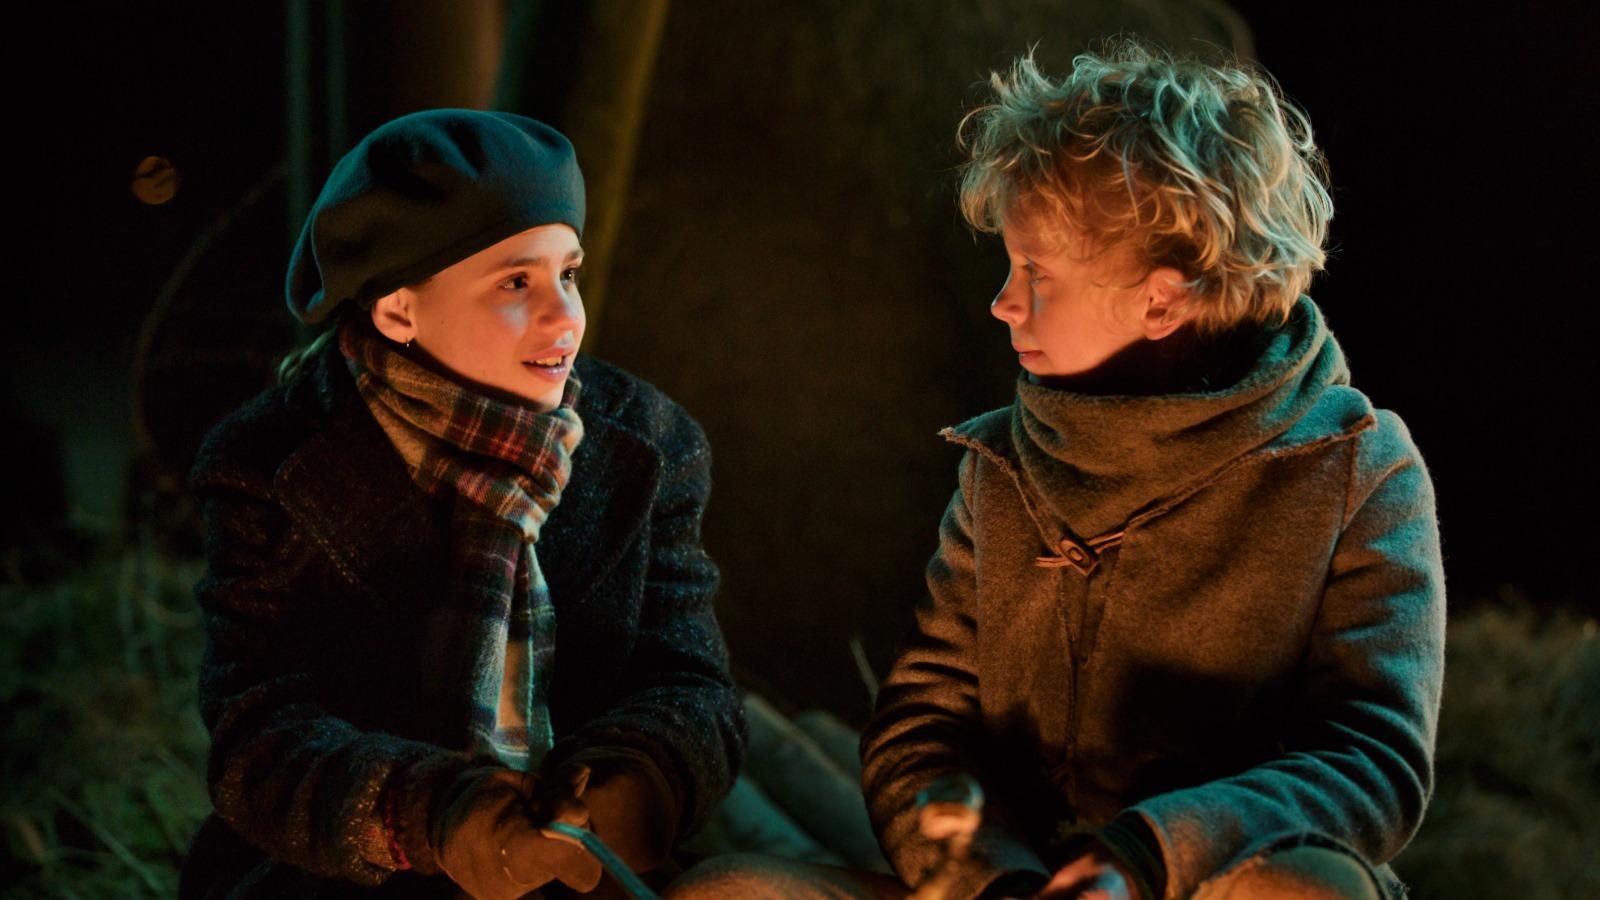 Emma og Julemanden 03